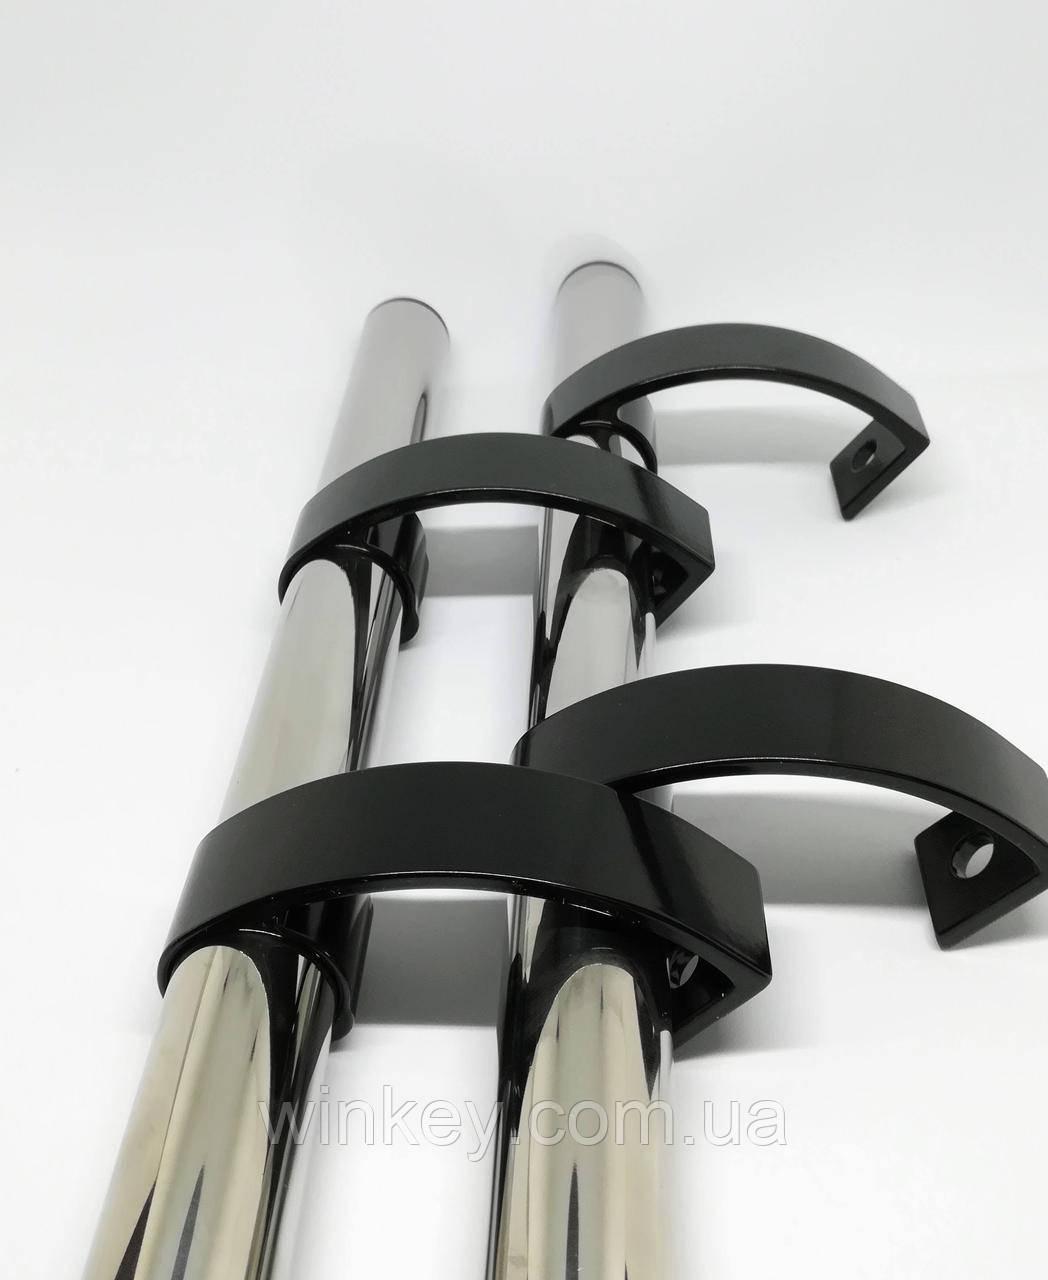 Ручка дверная офисная прямая 1000 мм нержавейка с антрацит креплением